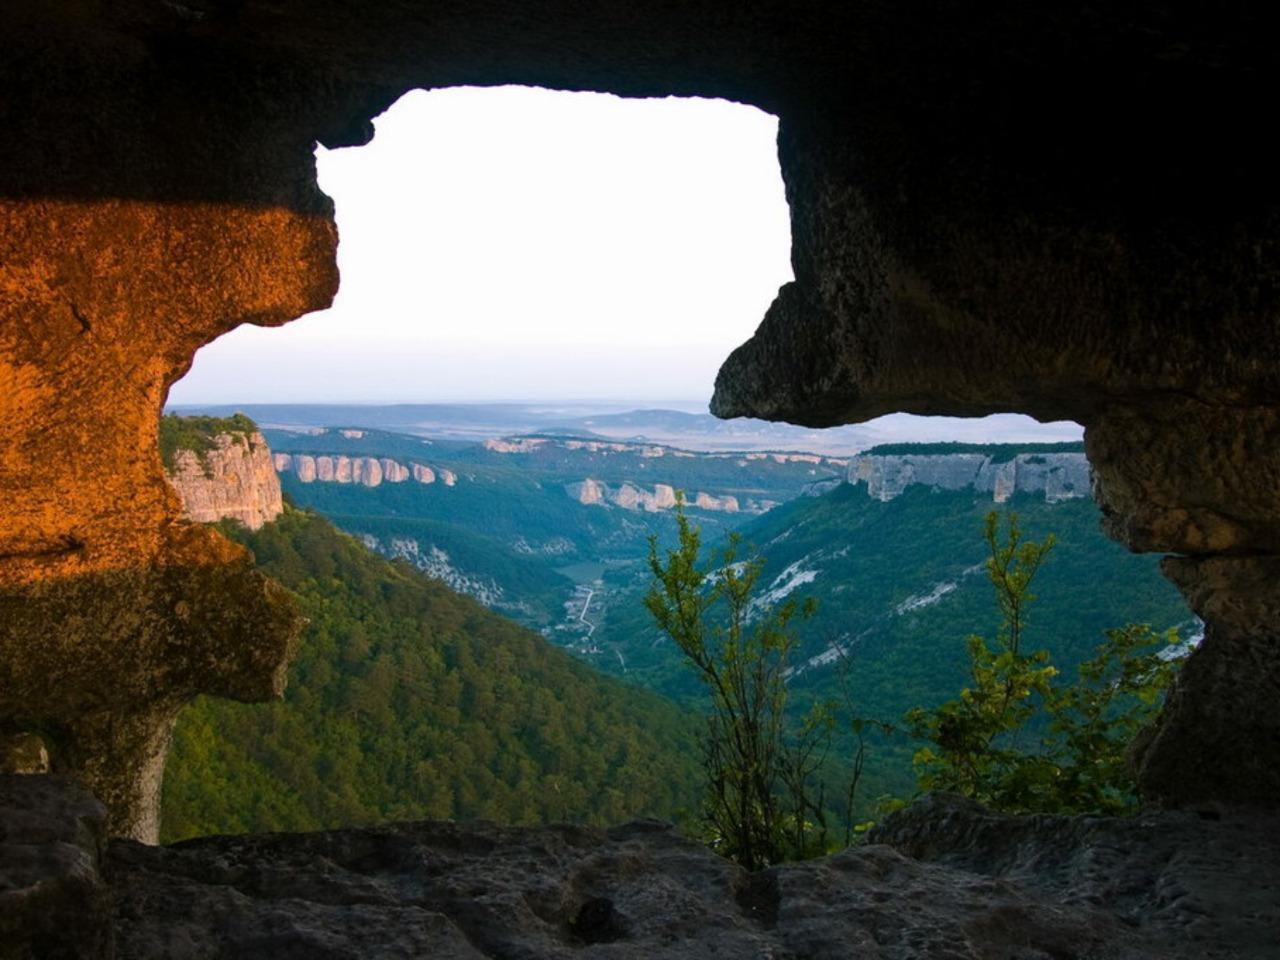 Пещерные города Крыма: поход к местам силы   - индивидуальная экскурсия в Симферополе от опытного гида